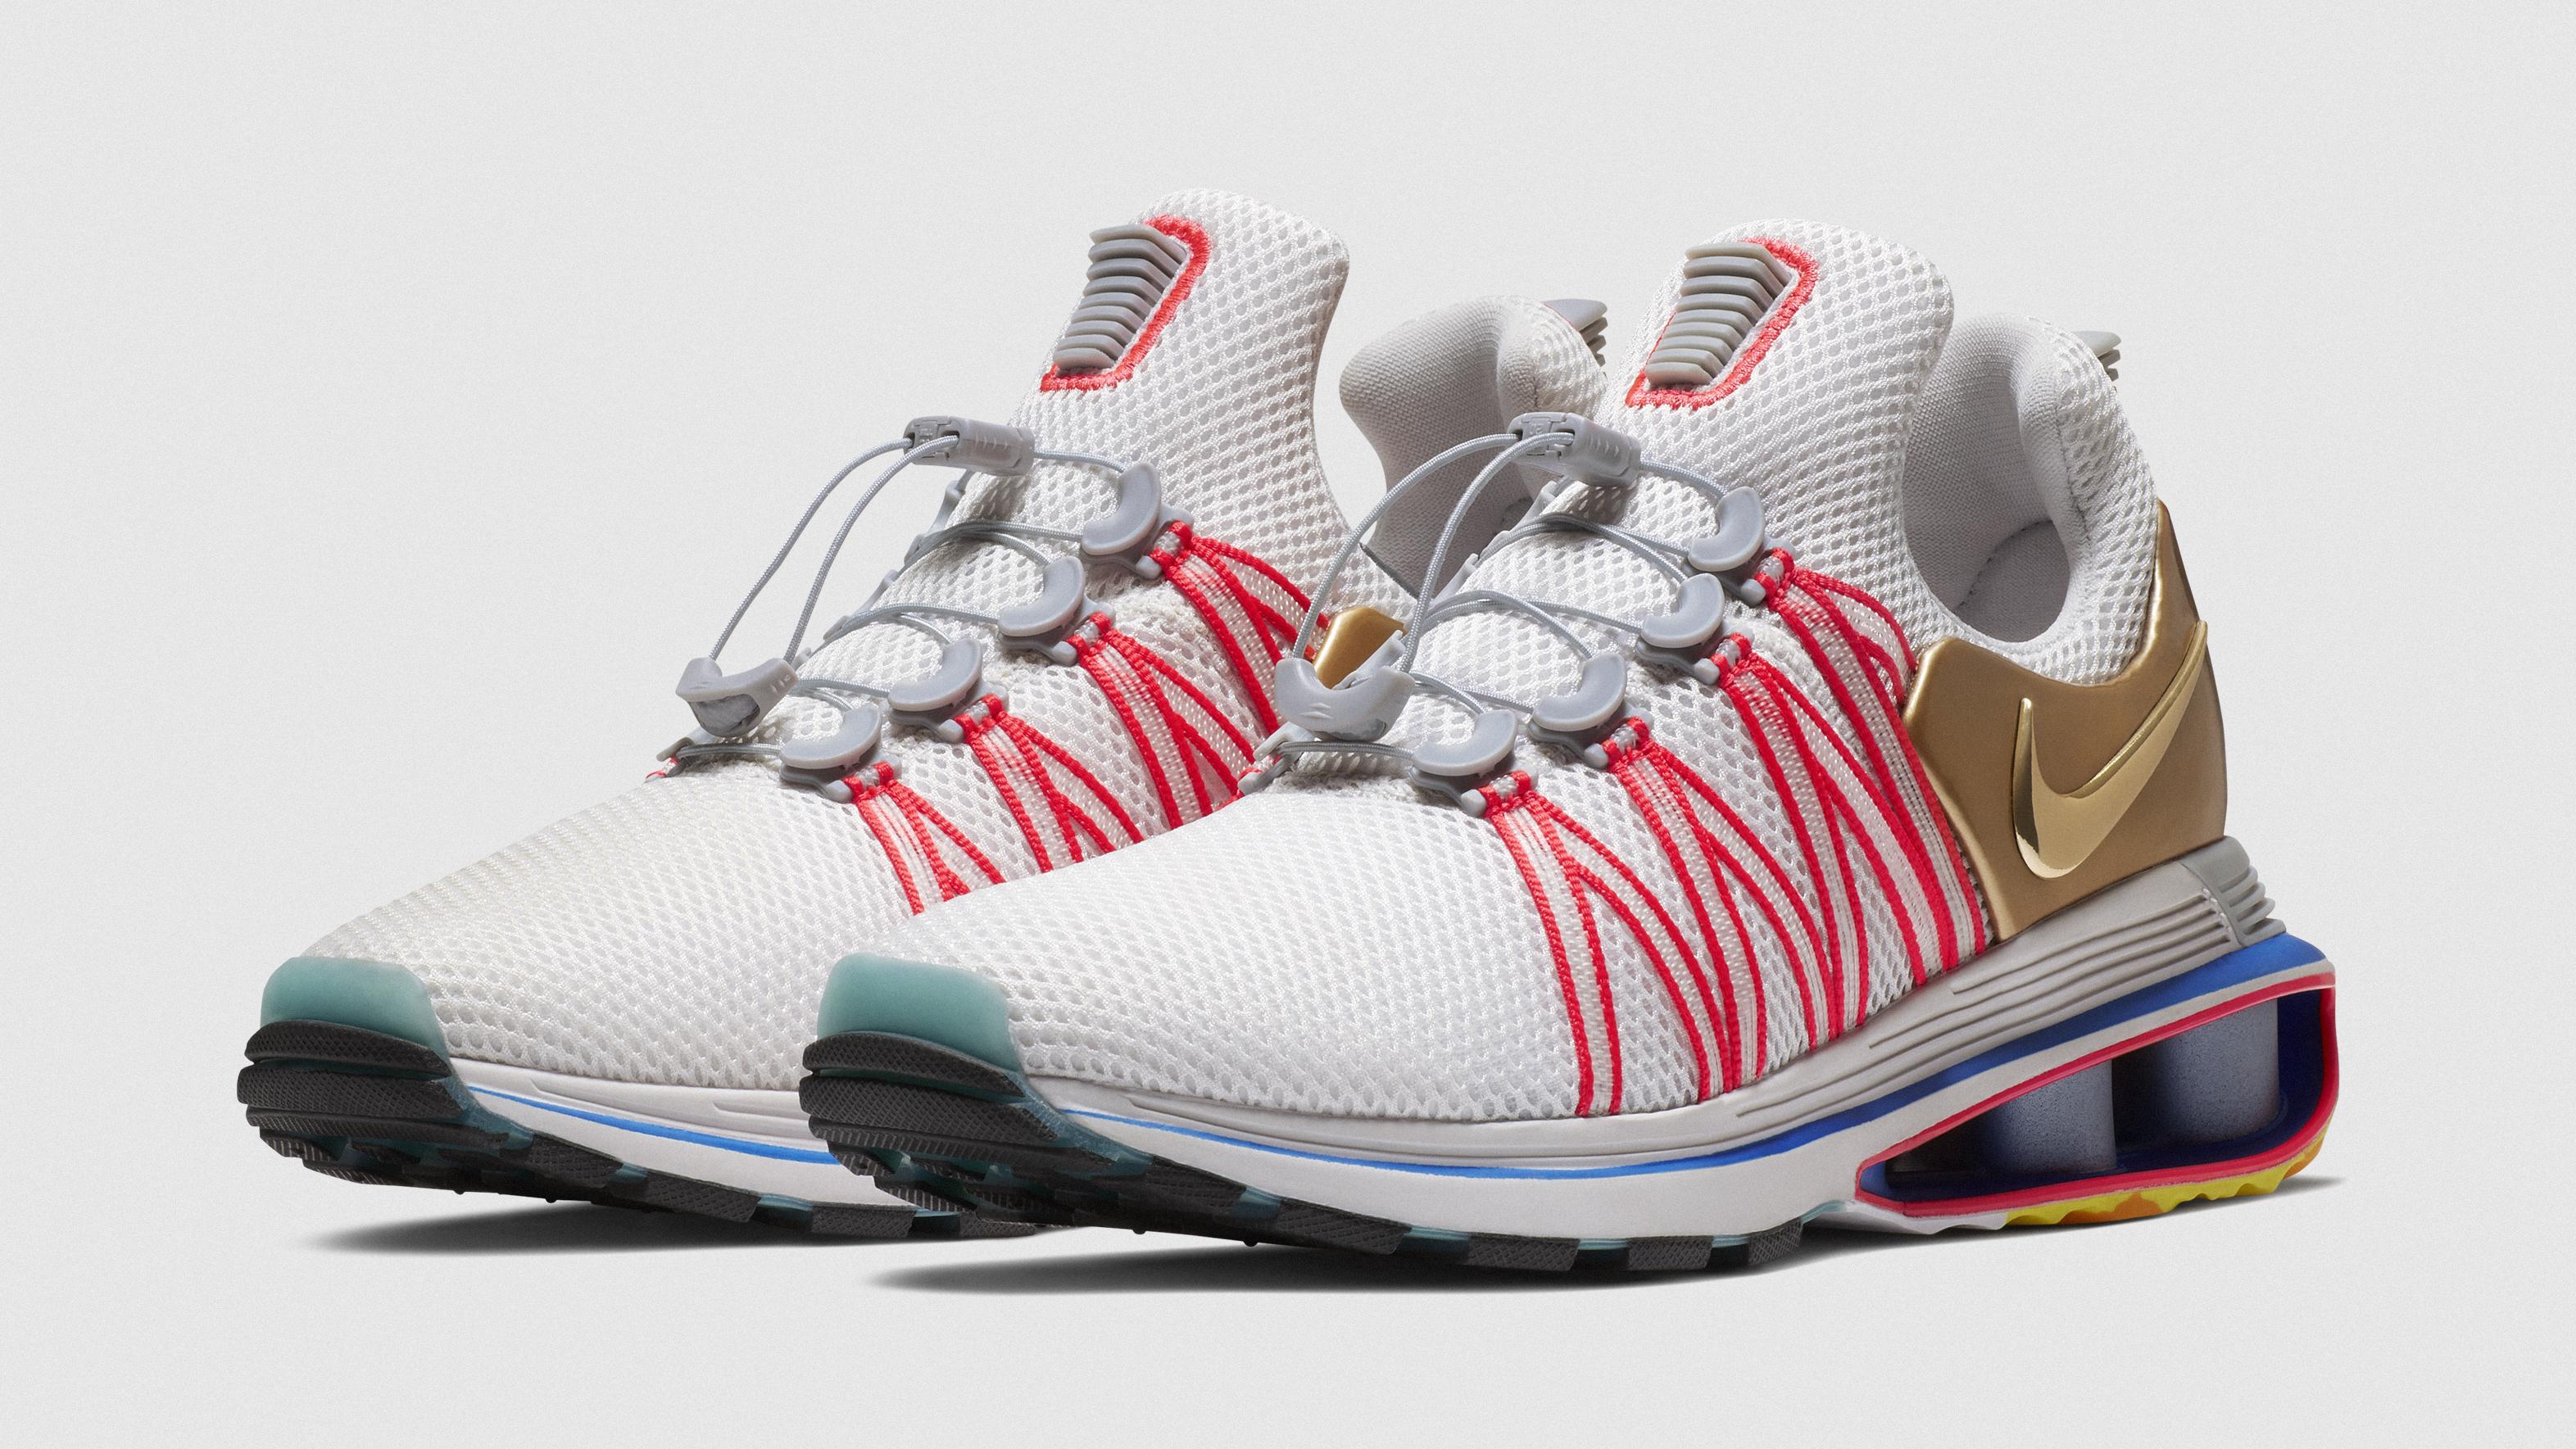 Shox Nike Shoes